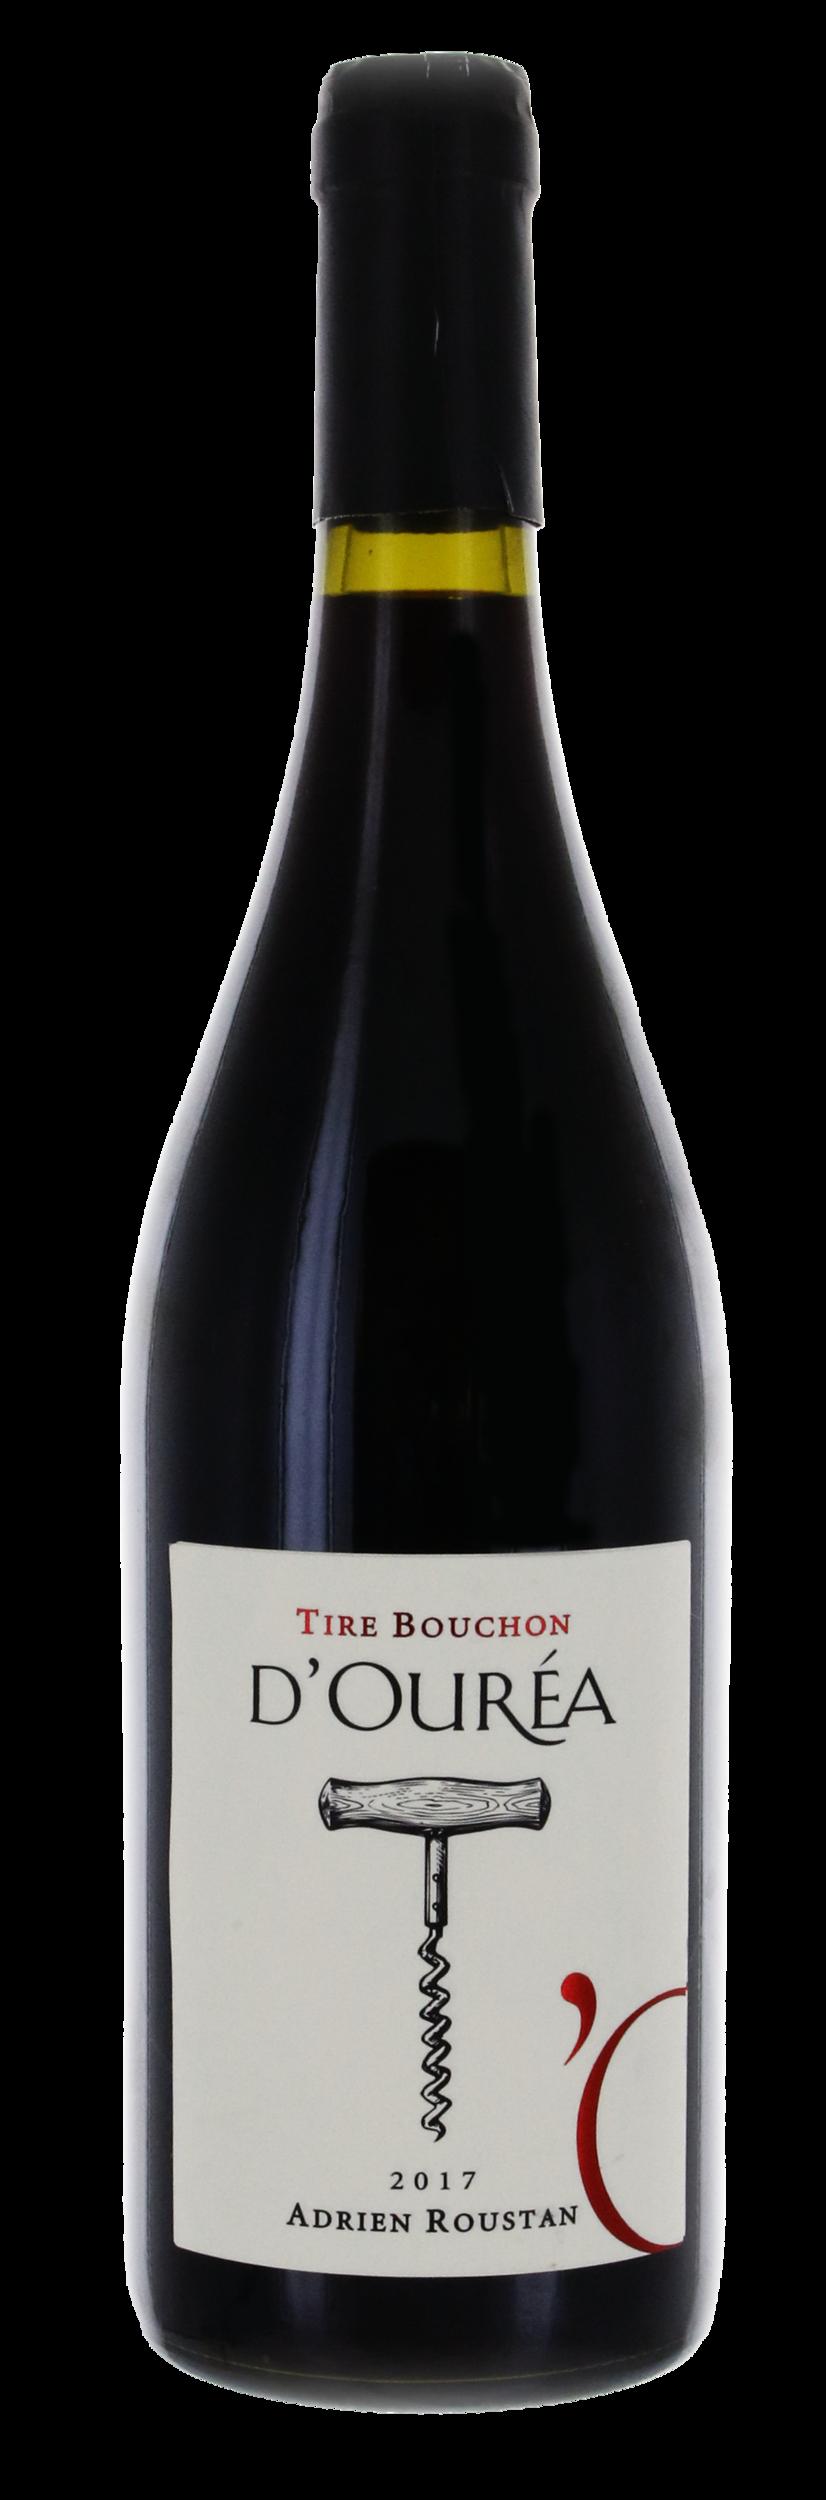 IGP Vaucluse - Tire Bouchon - Domaine d\'Ourea - 2019 - BIO